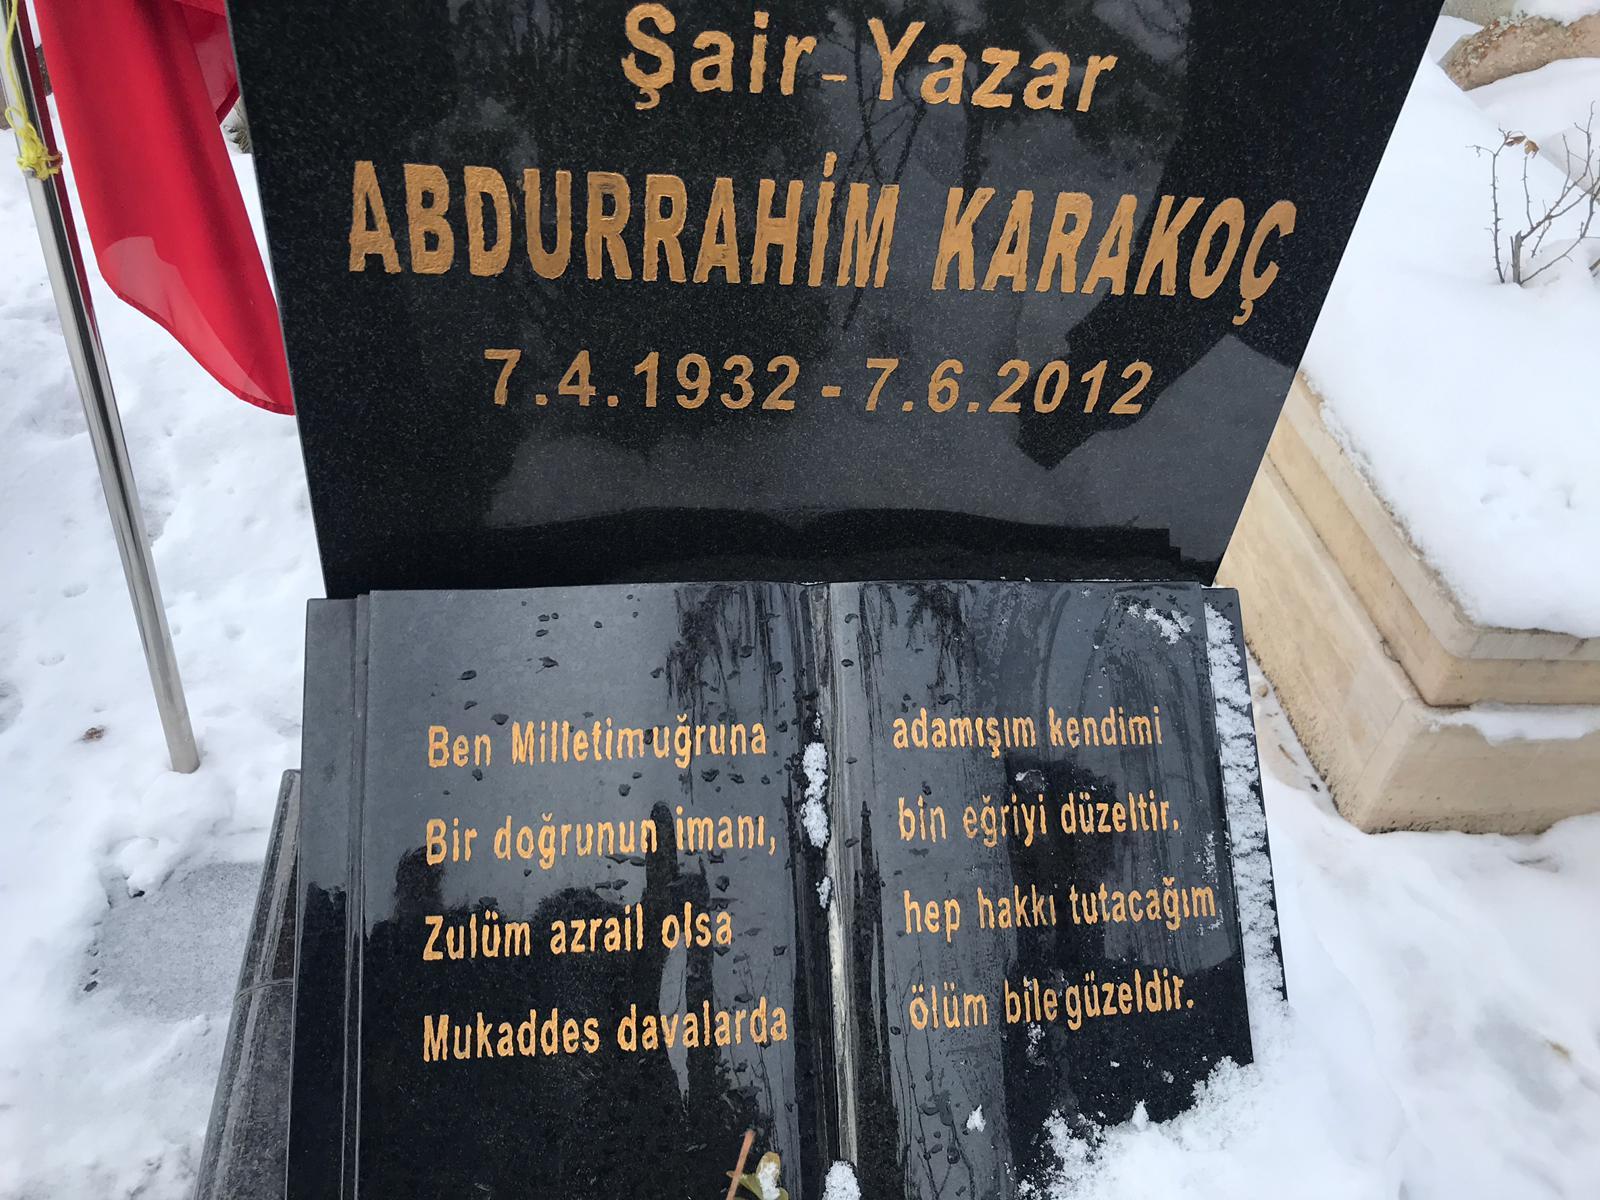 Üstat Karakoç